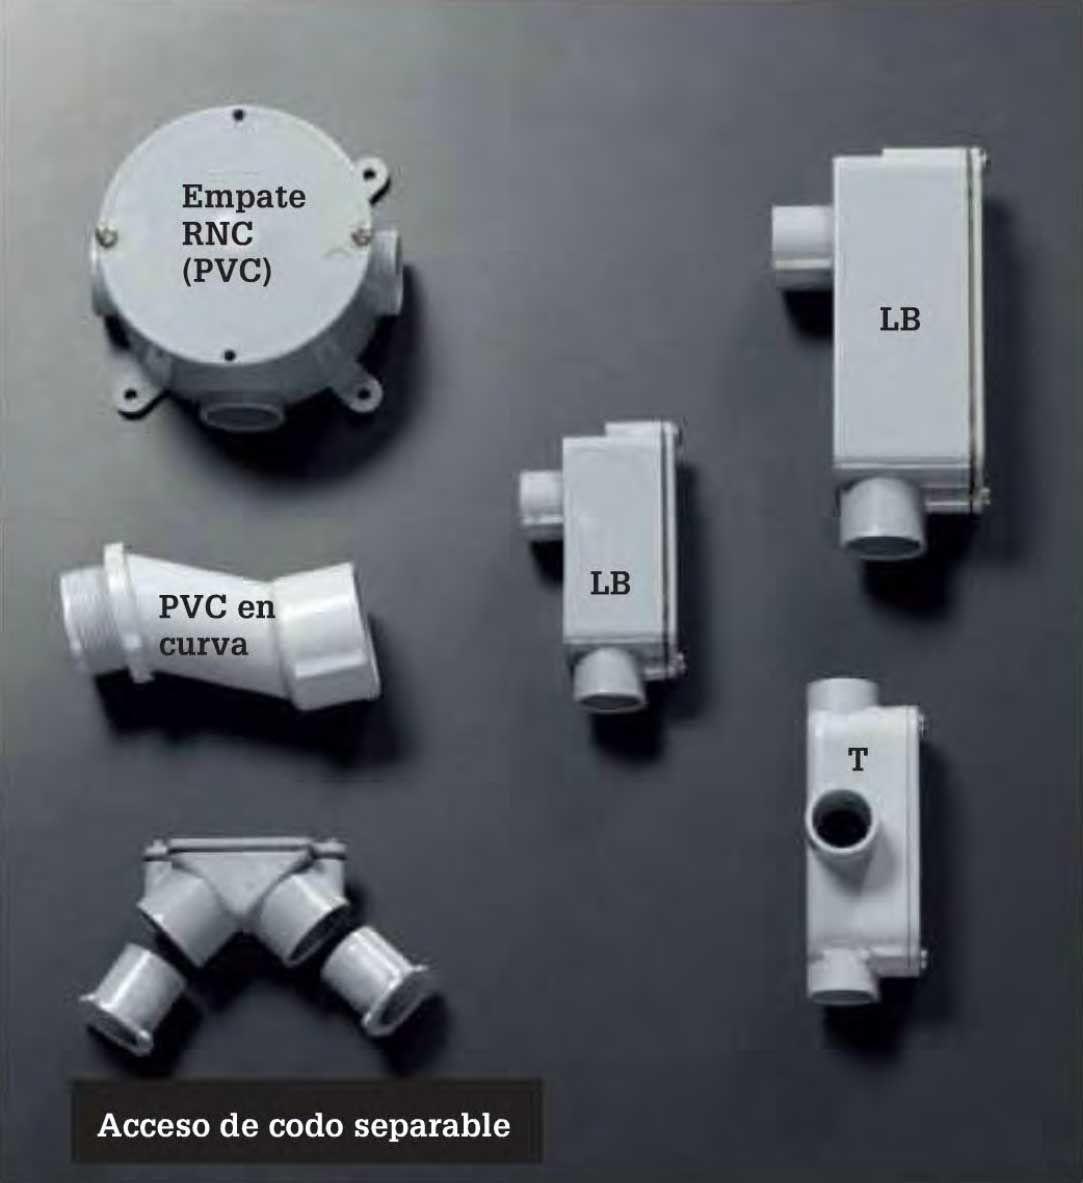 Instalaciones el ctricas residenciales accesorios para - Tubo pvc electrico ...